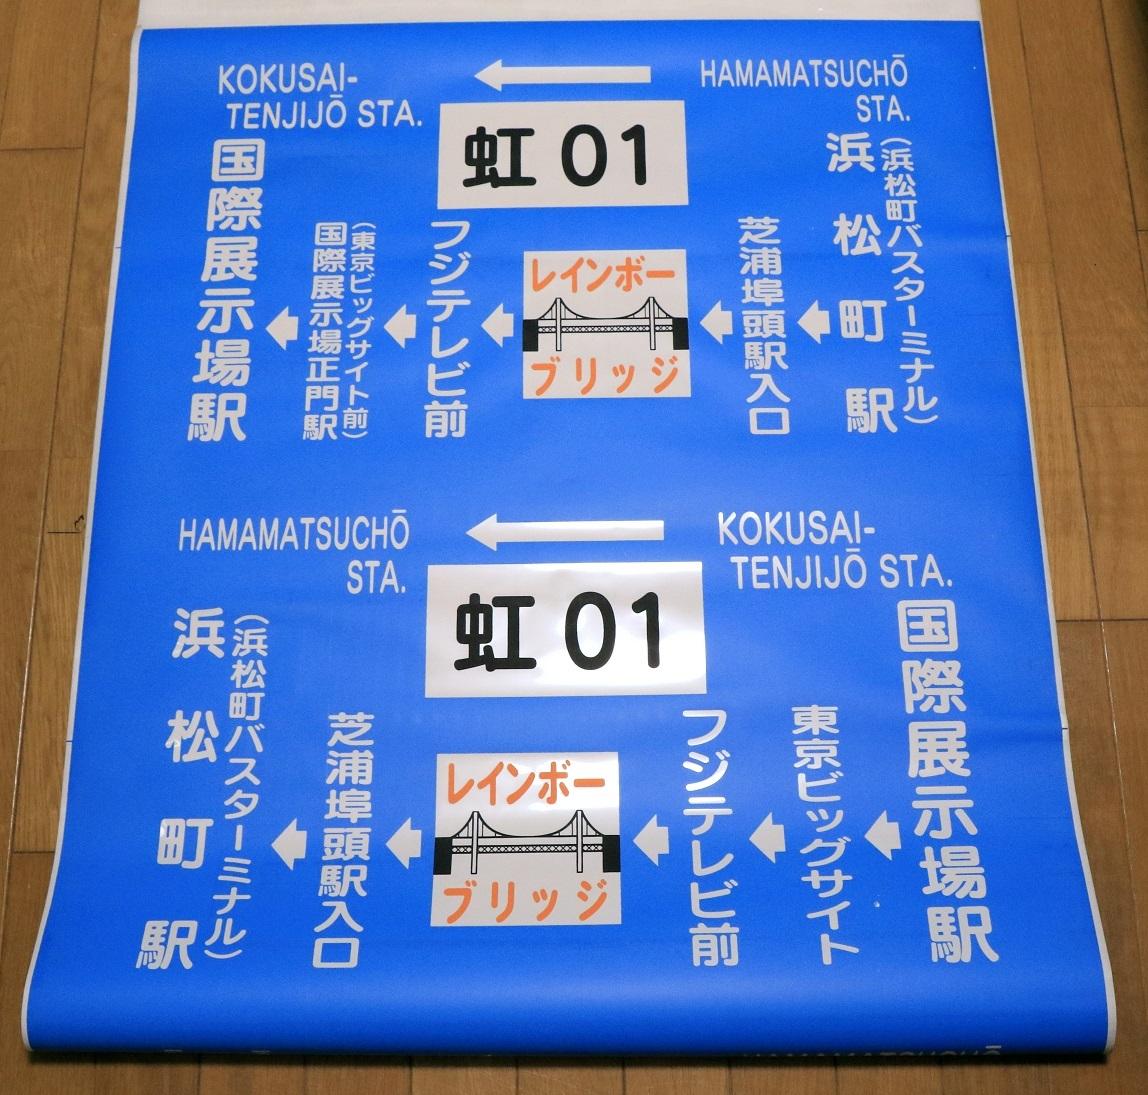 【都営バス】深川営業所・側面方向幕/98コマ収録/H2.4~使用